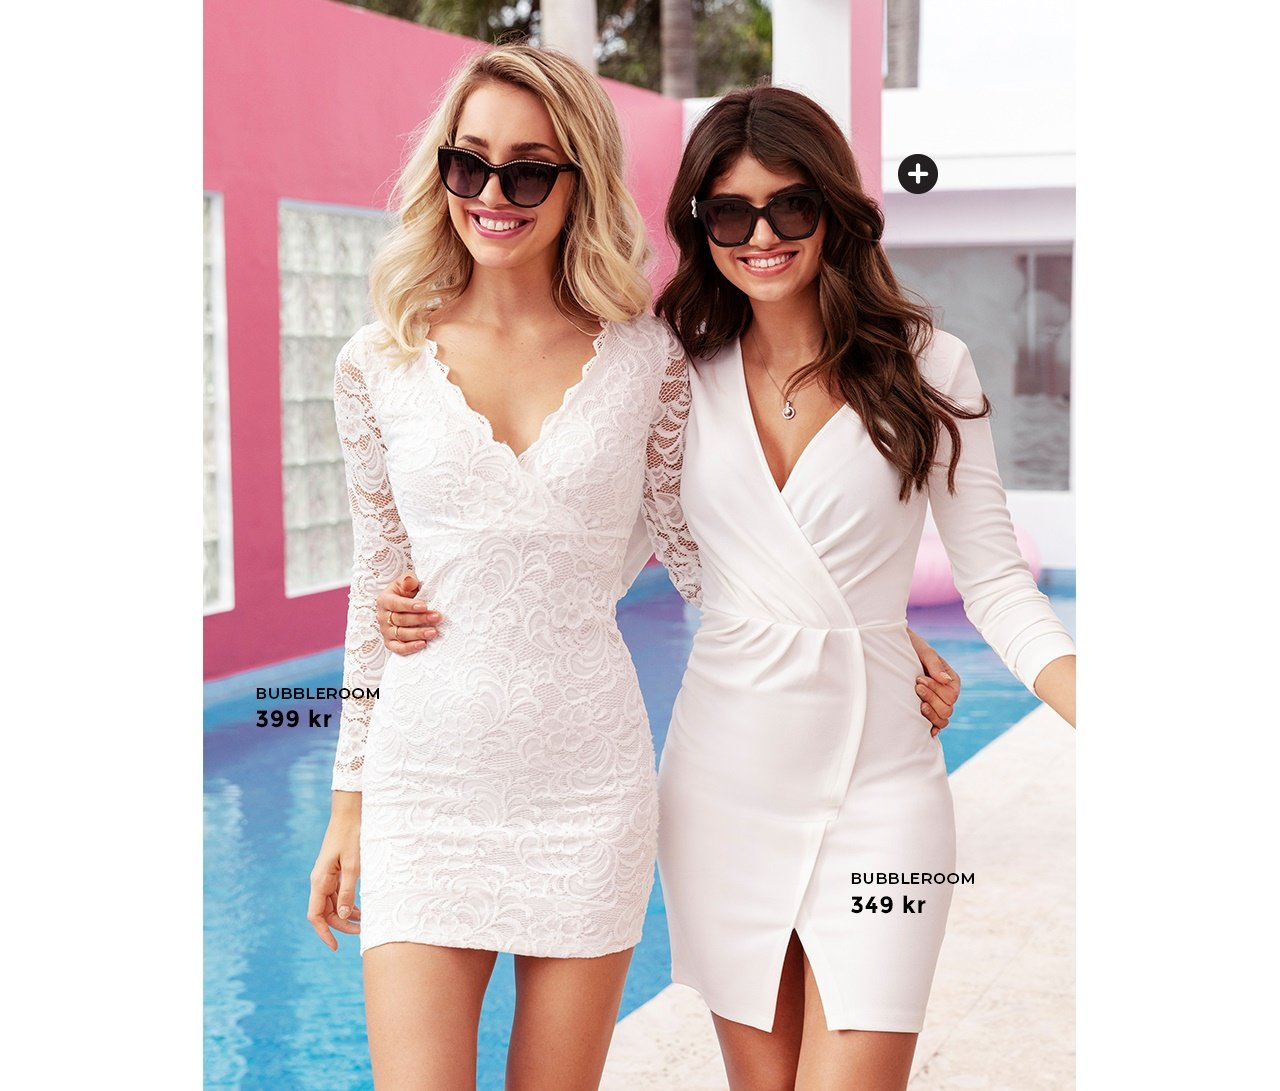 Spetsklänningar och vita enkla studentklänningar